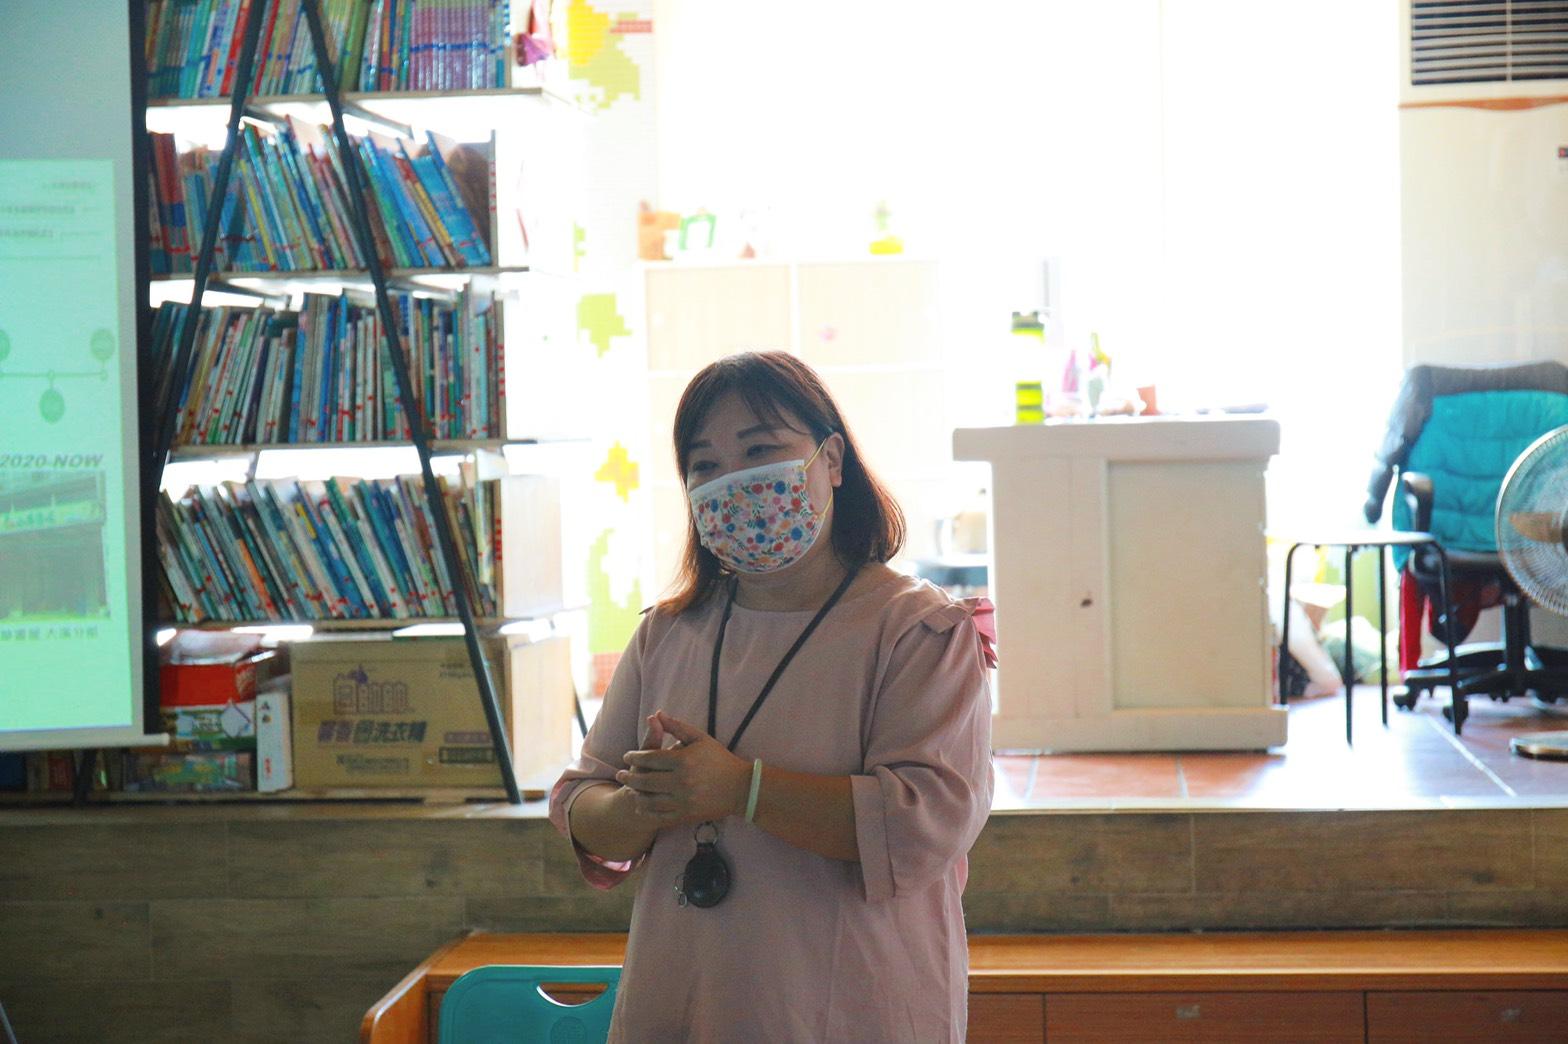 小草樹屋副校長阮家貞(貞媽)分享自己從教育工作者、台北偶戲館館長一路到小草樹屋服務經歷。陳心慈攝影